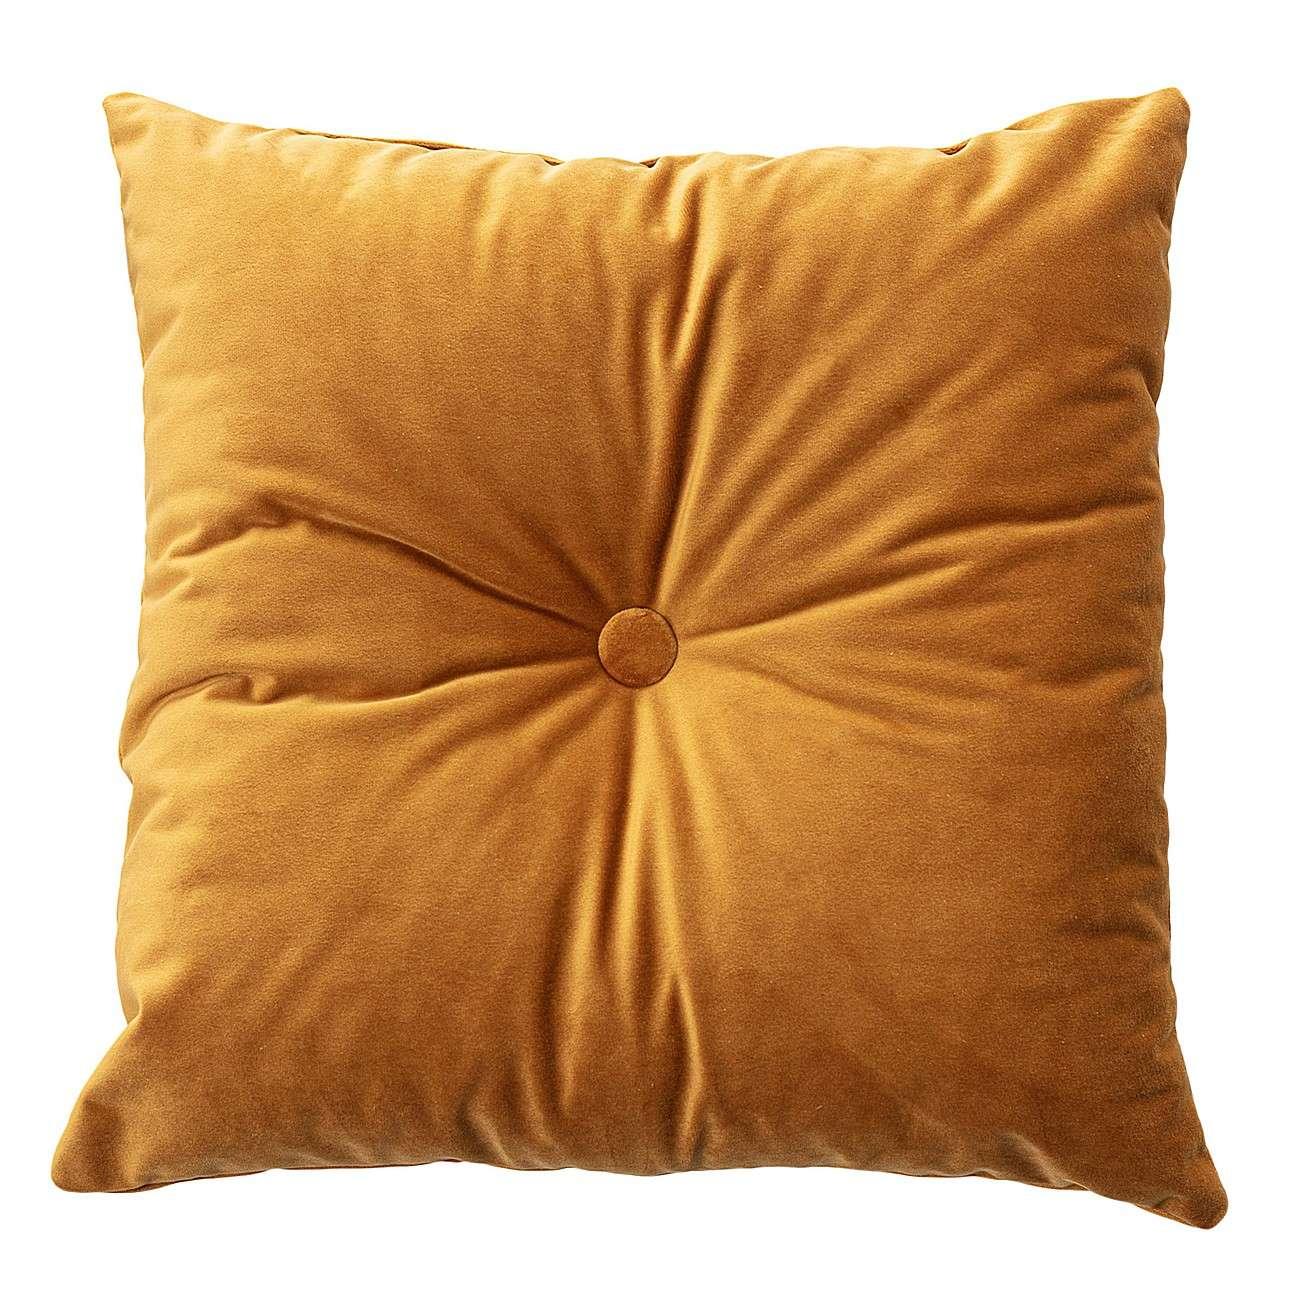 Sametový polštář Velvet s knoflíkem